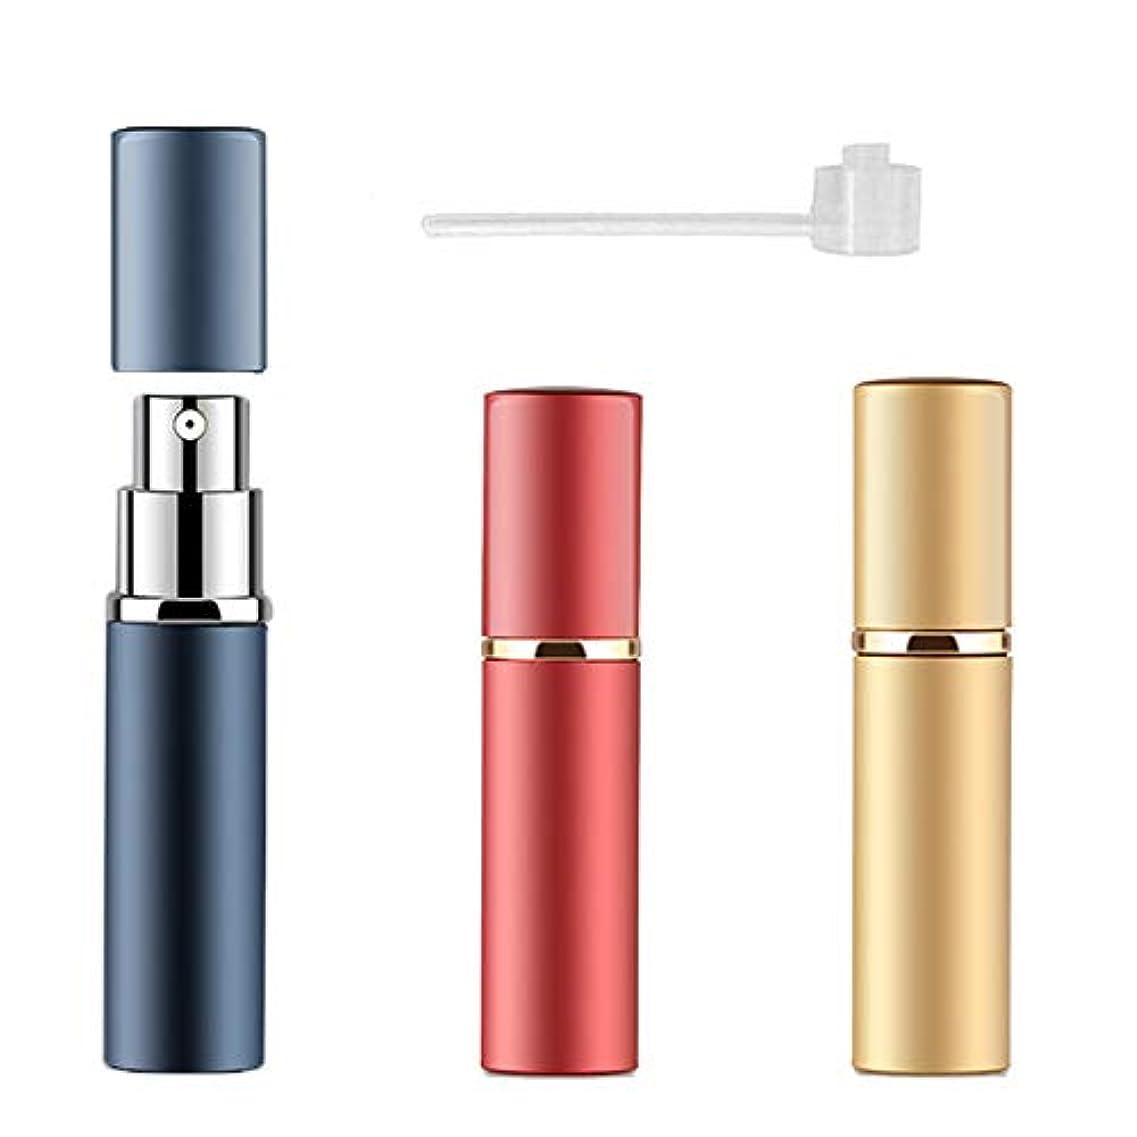 尽きる受付欠員アトマイザー 香水 詰め替え容器 スプレーボトル 小分けボトル トラベルボトル 旅行携帯便利 (3色セット)